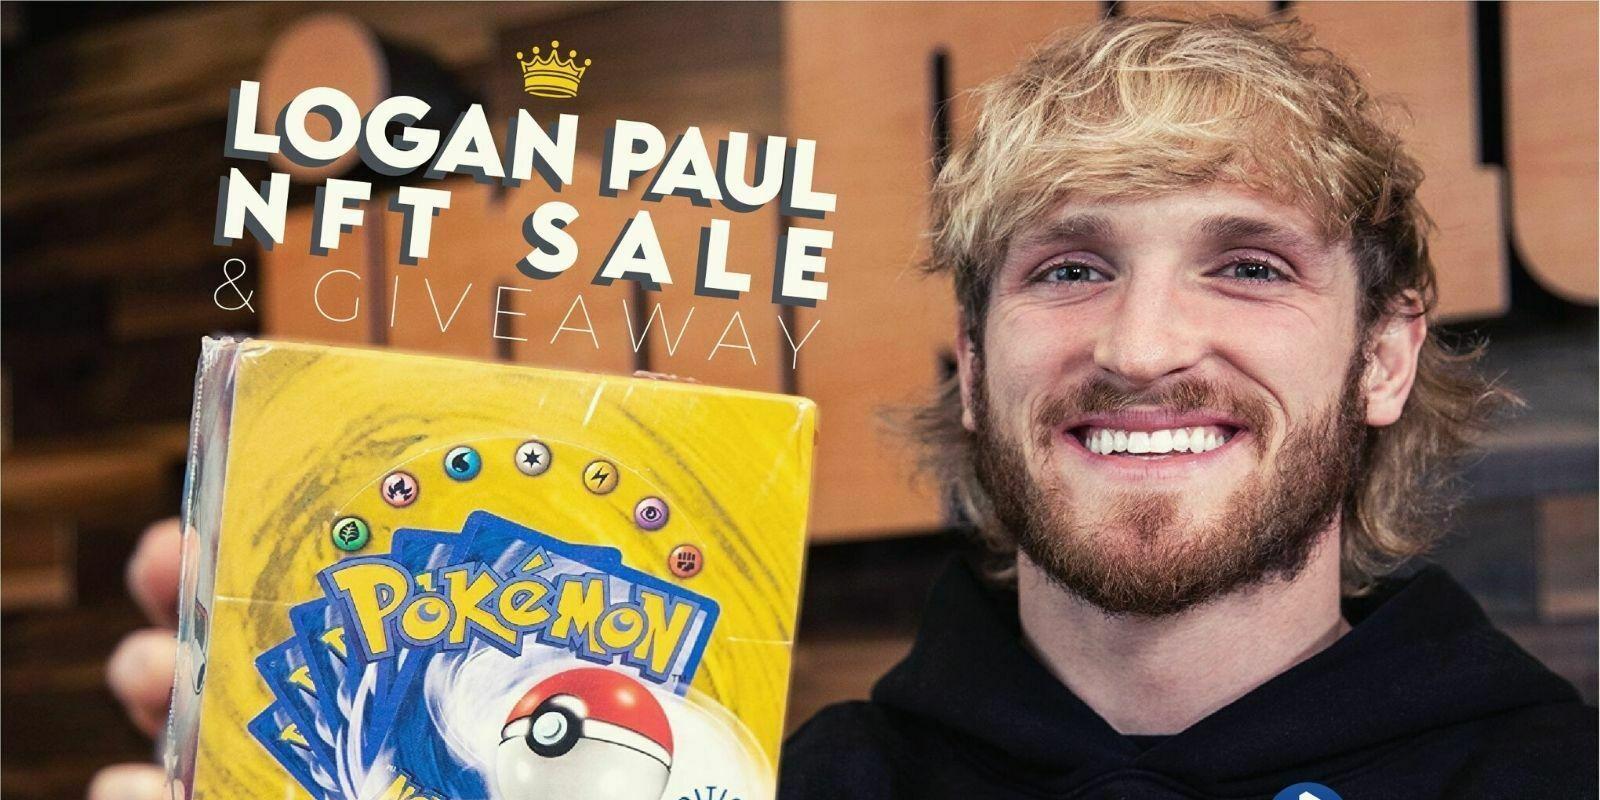 Logan Paul tokénise des moments forts de ses vidéos sous forme de NFT - Il empoche 126 000 dollars